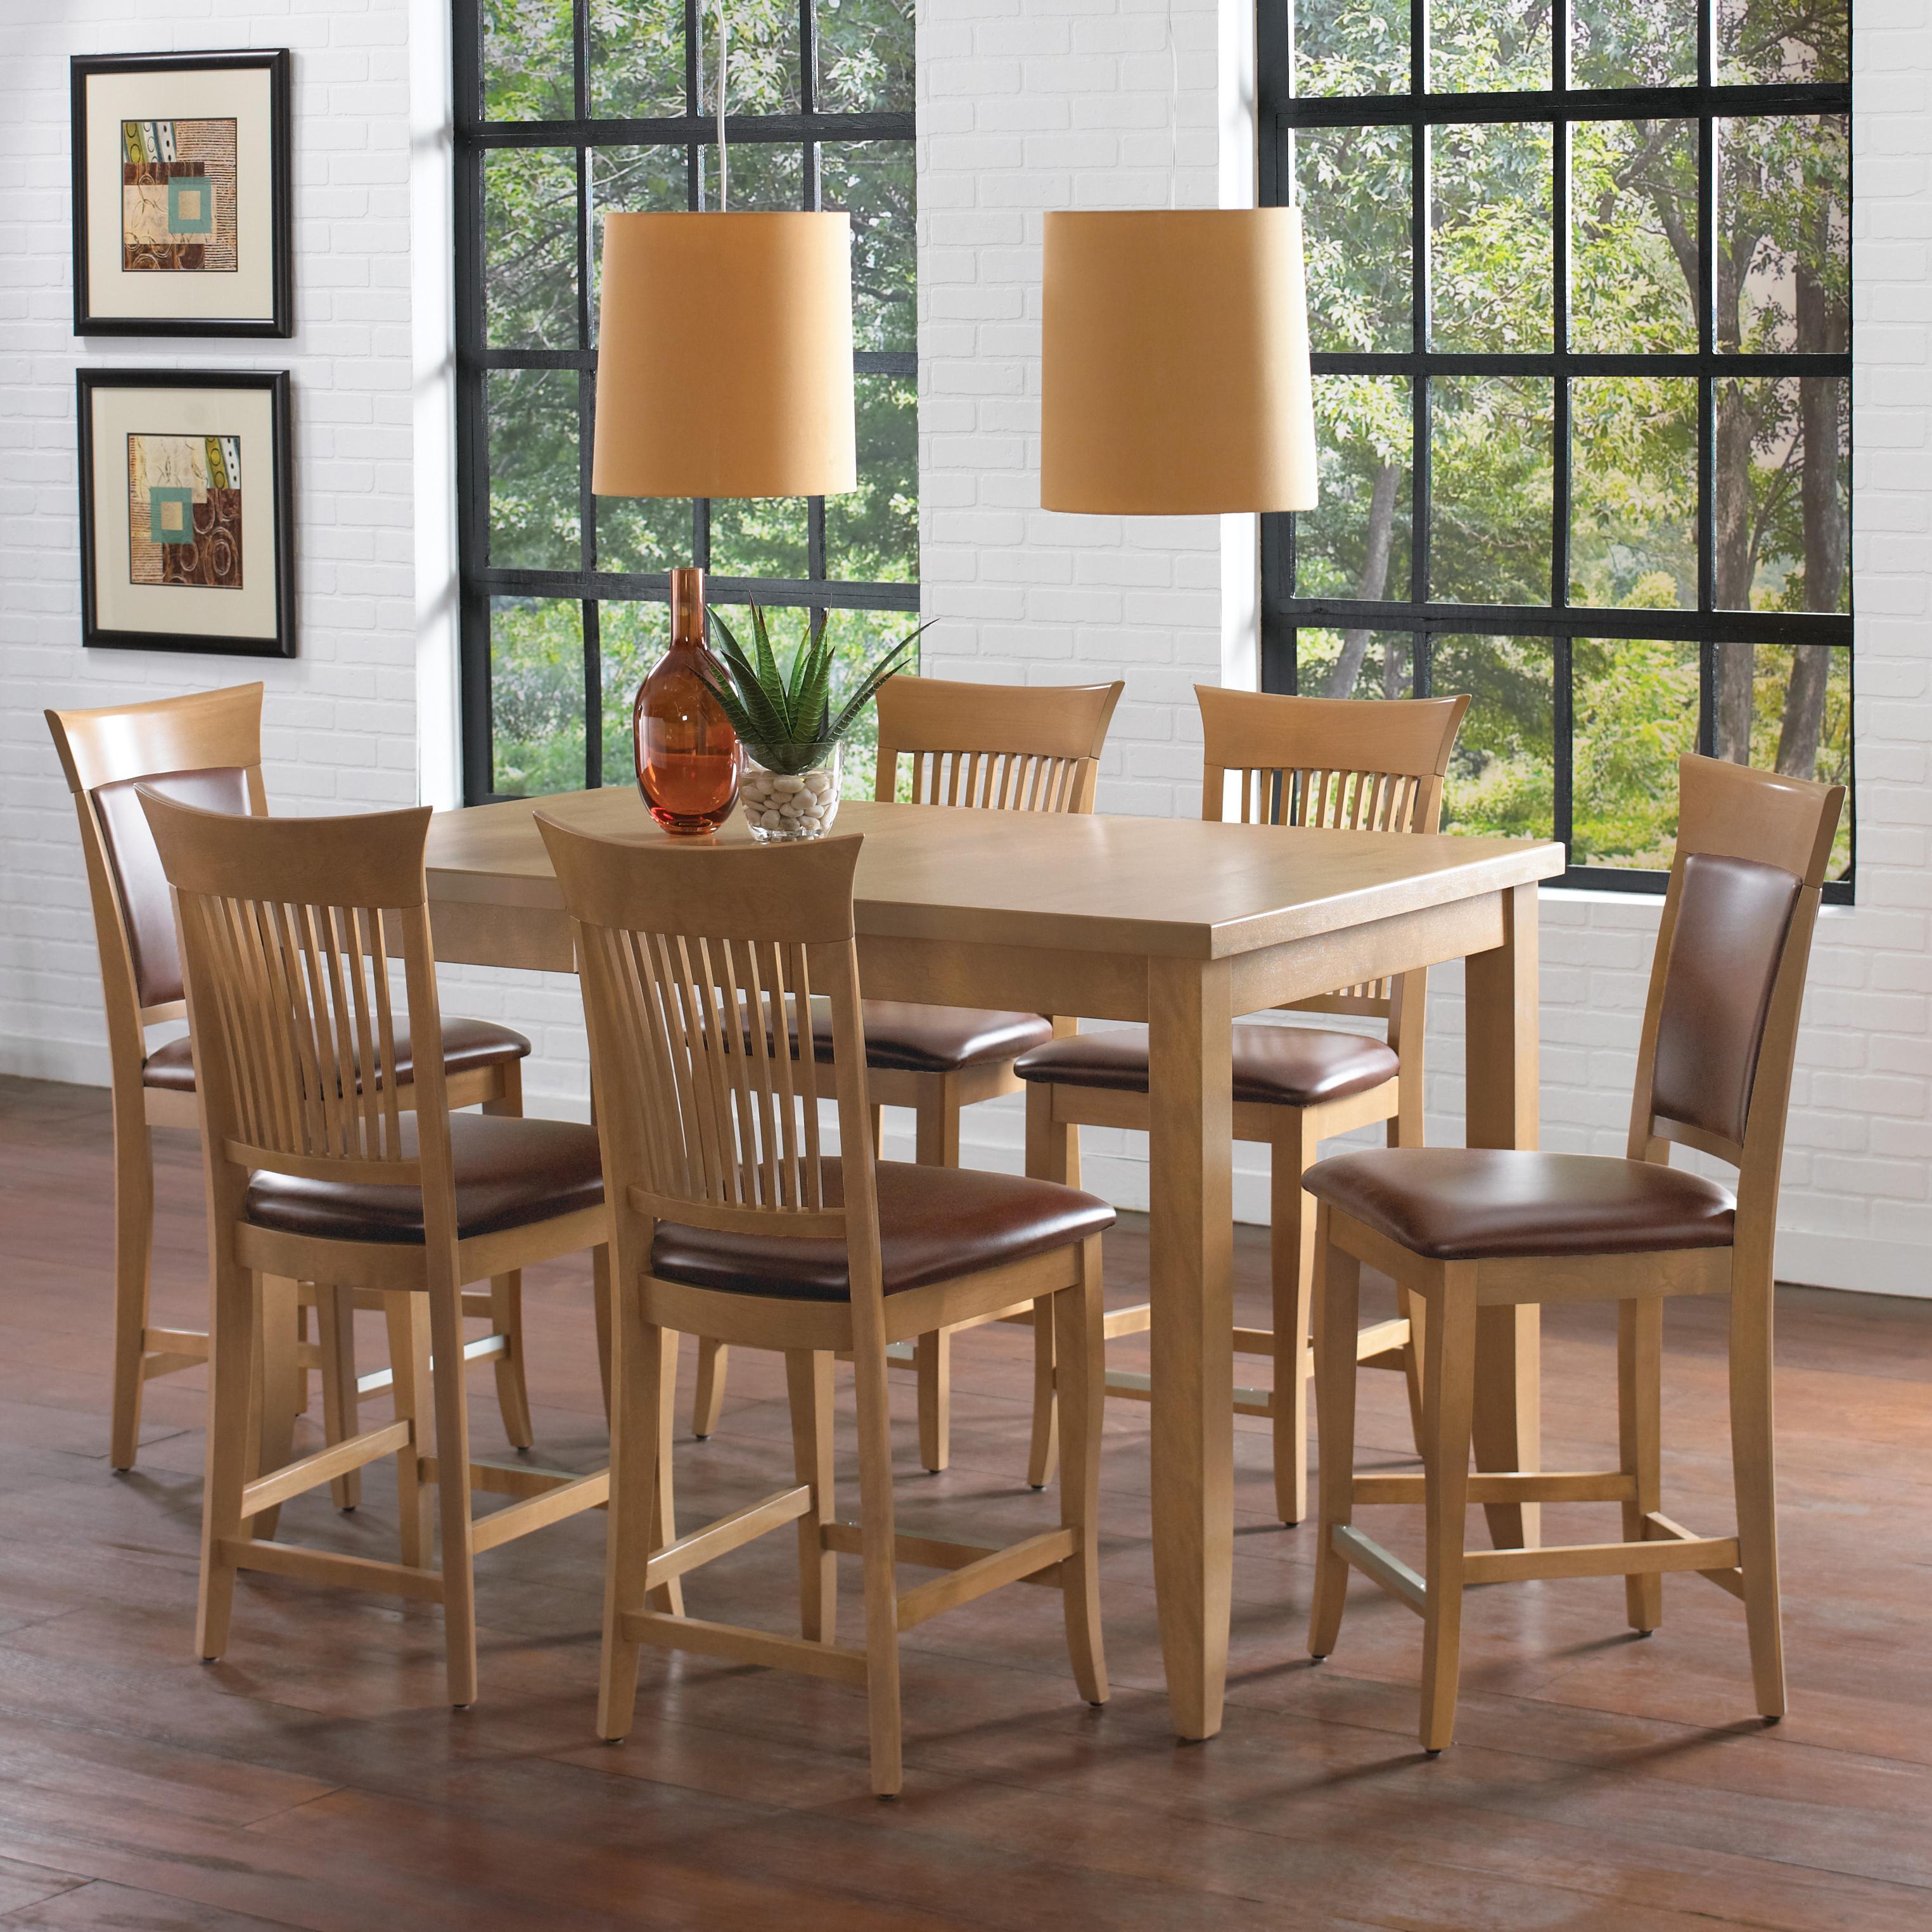 canadel custom dining high dining customizable counter height rh rotmans com custom dining room set Dining Room Built Ins